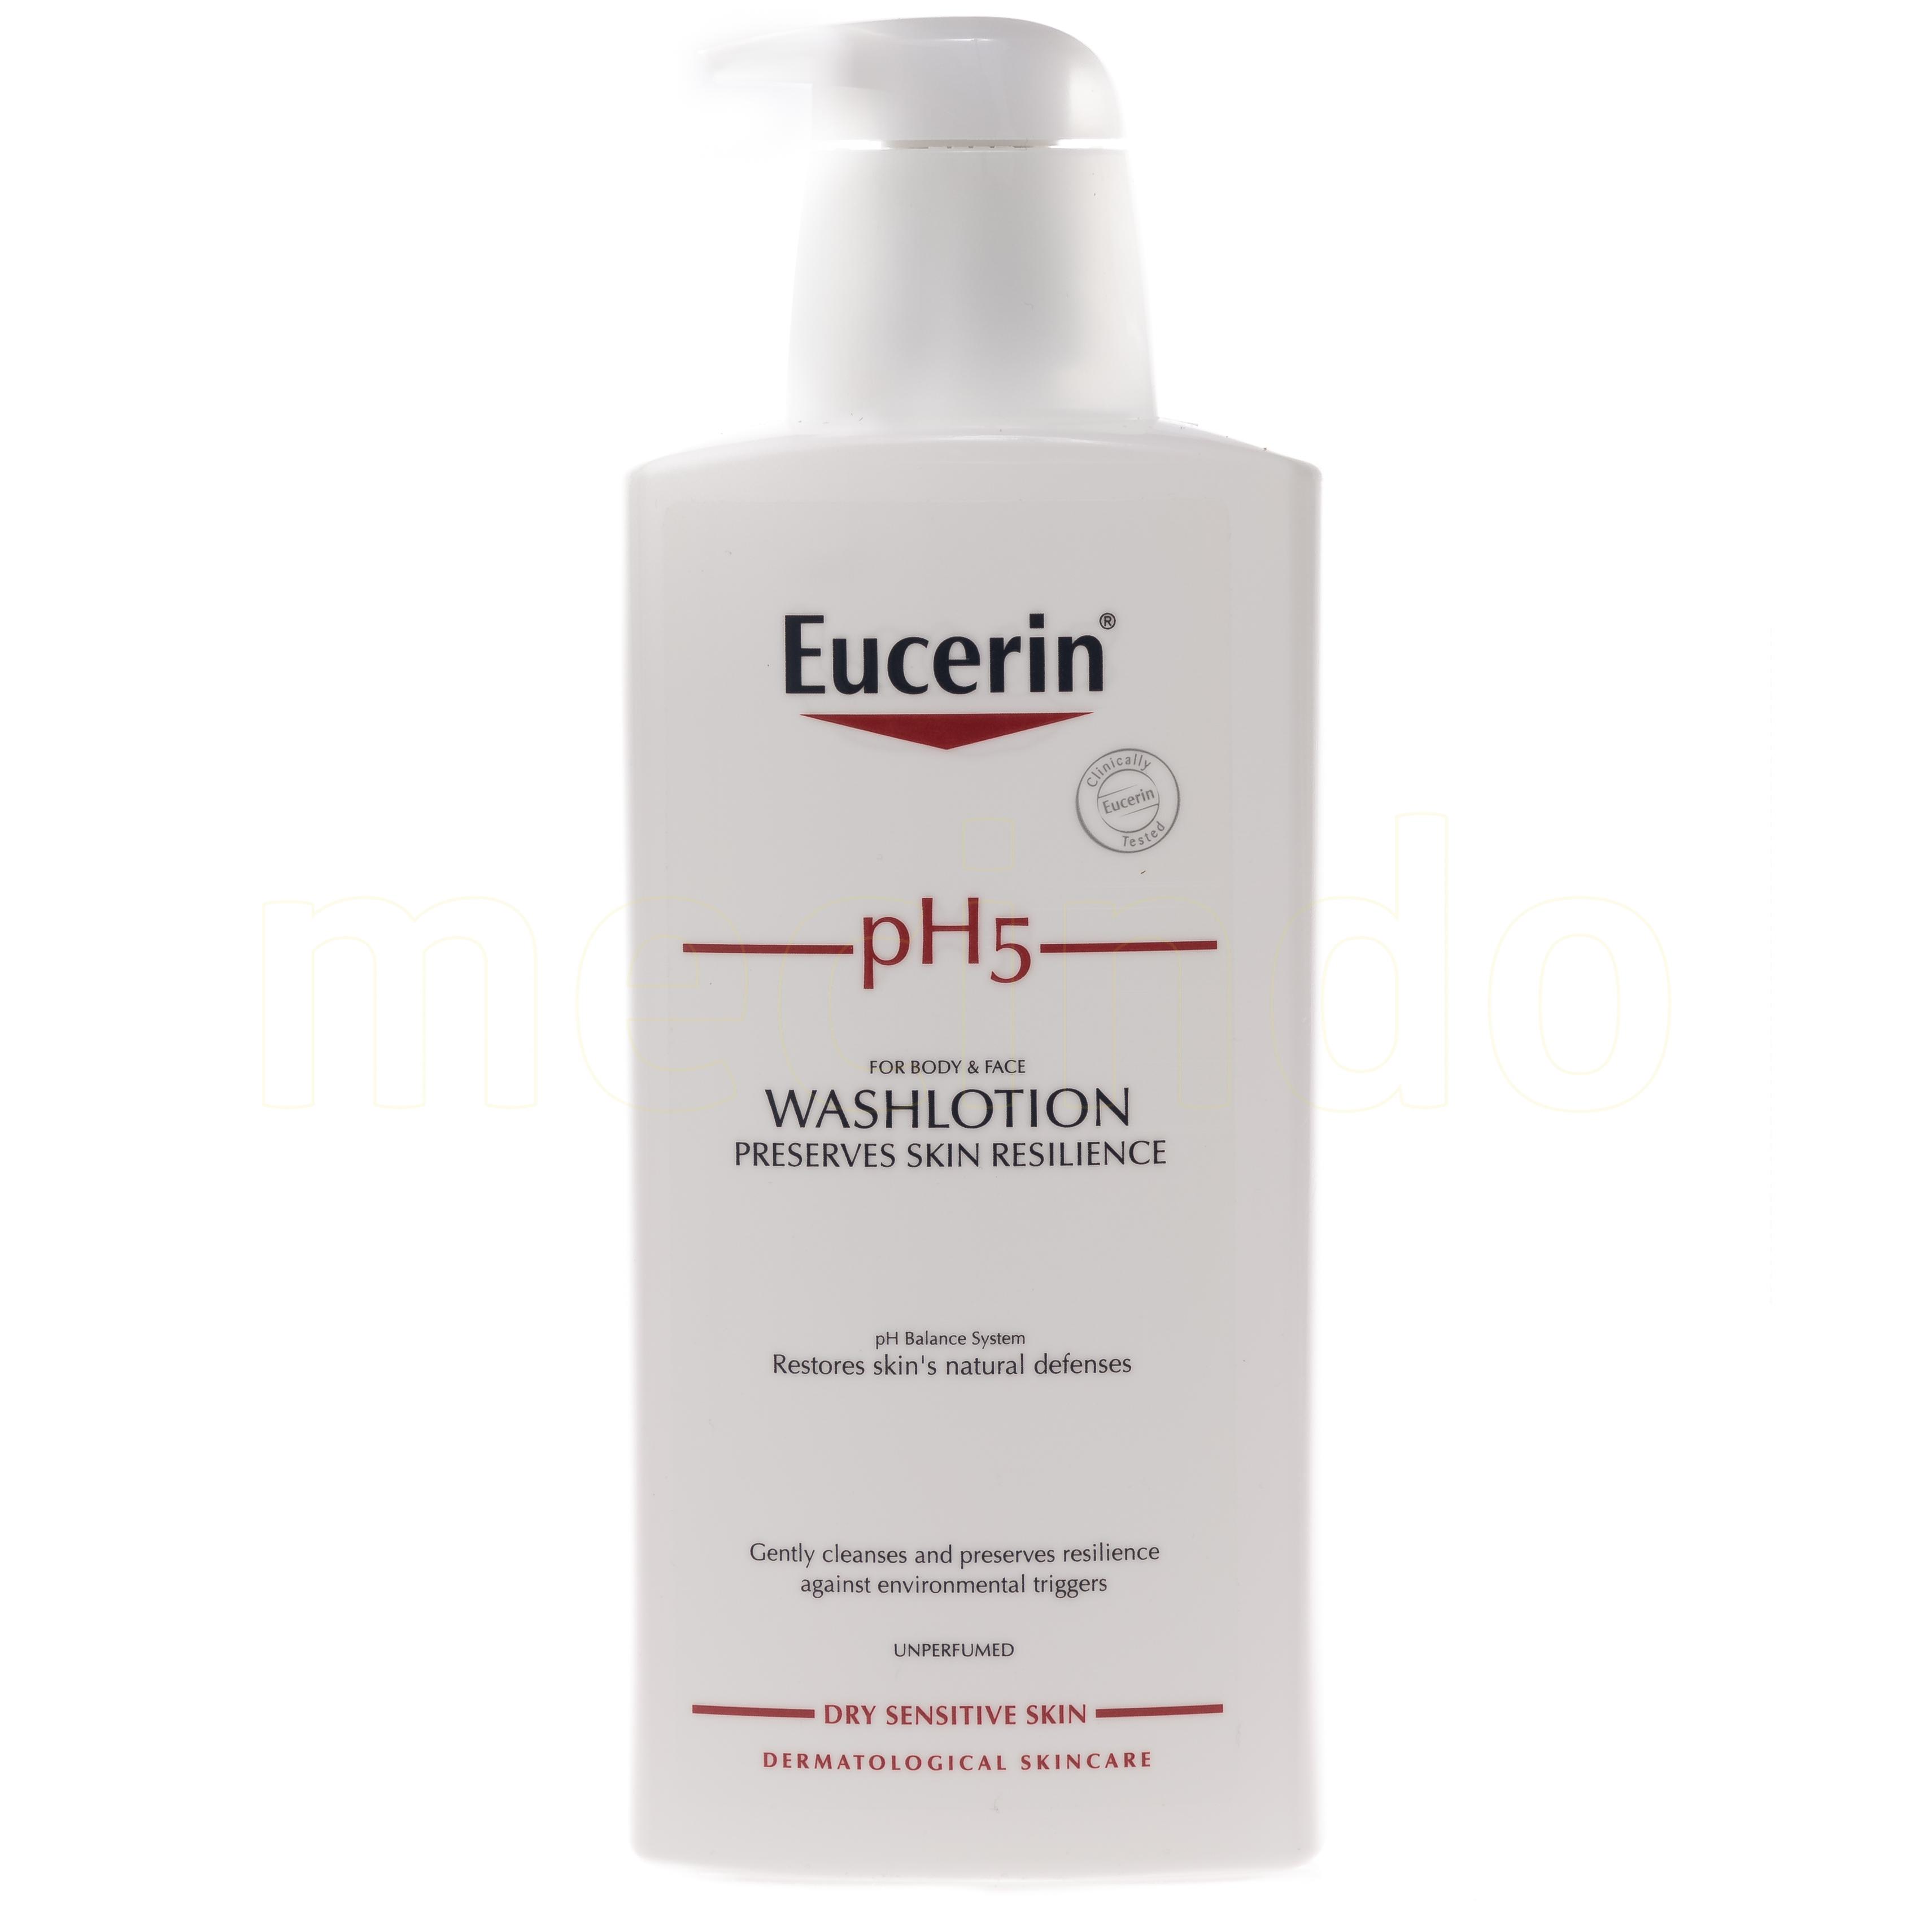 Eucerin Ph5 Washlotion Oparfymerad - 400 ml